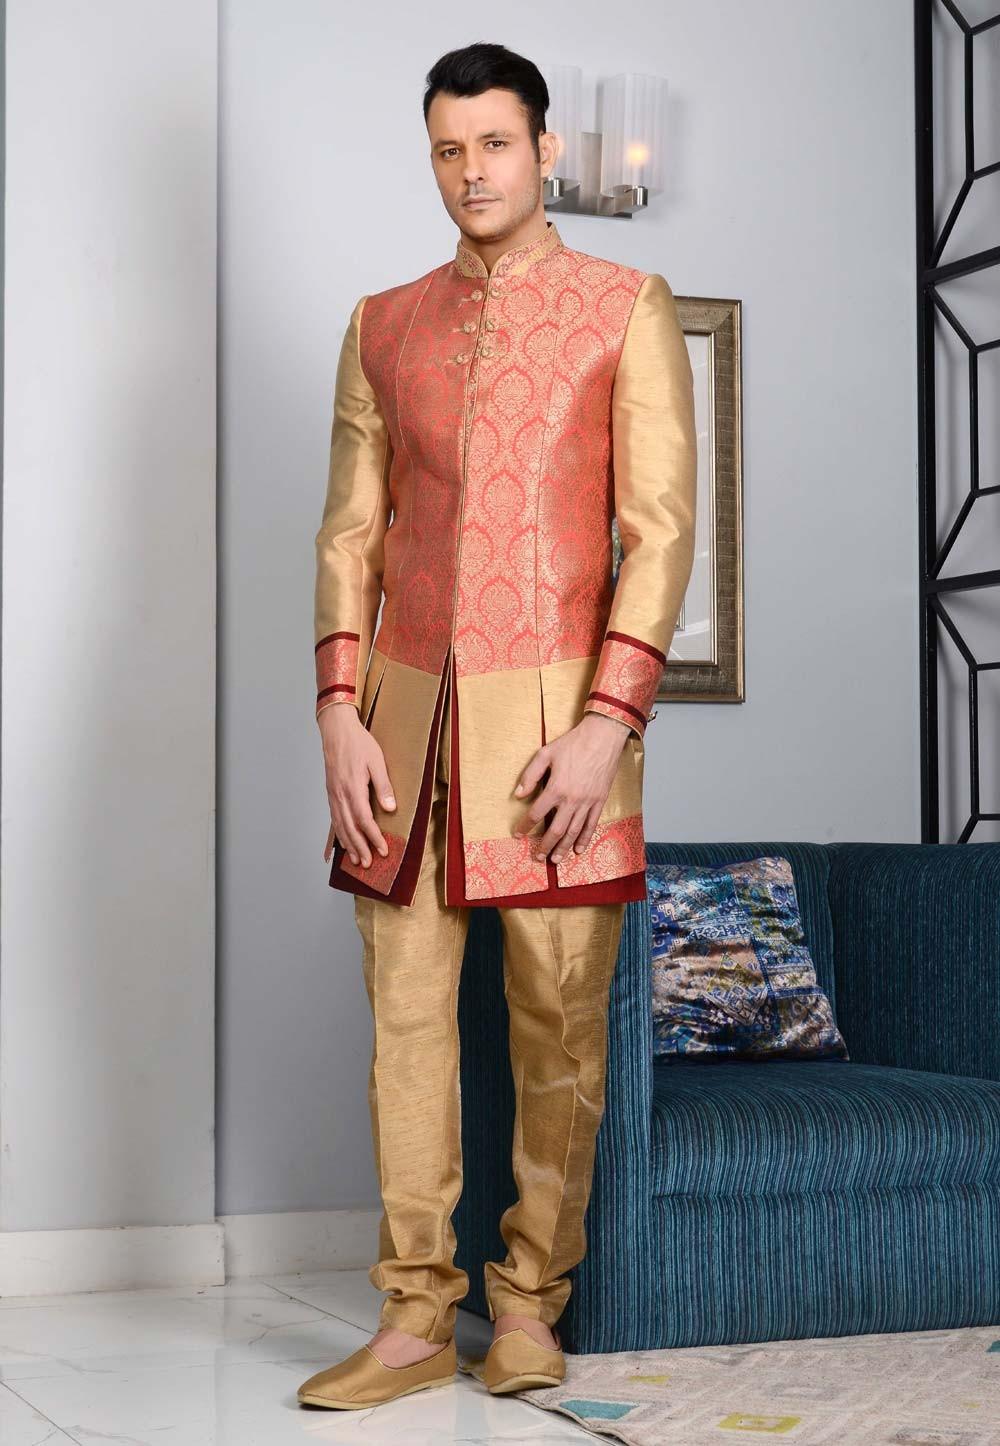 Men's Striking Pink,Golden Color Jacquard,Brocade Silk Men's Indo Western